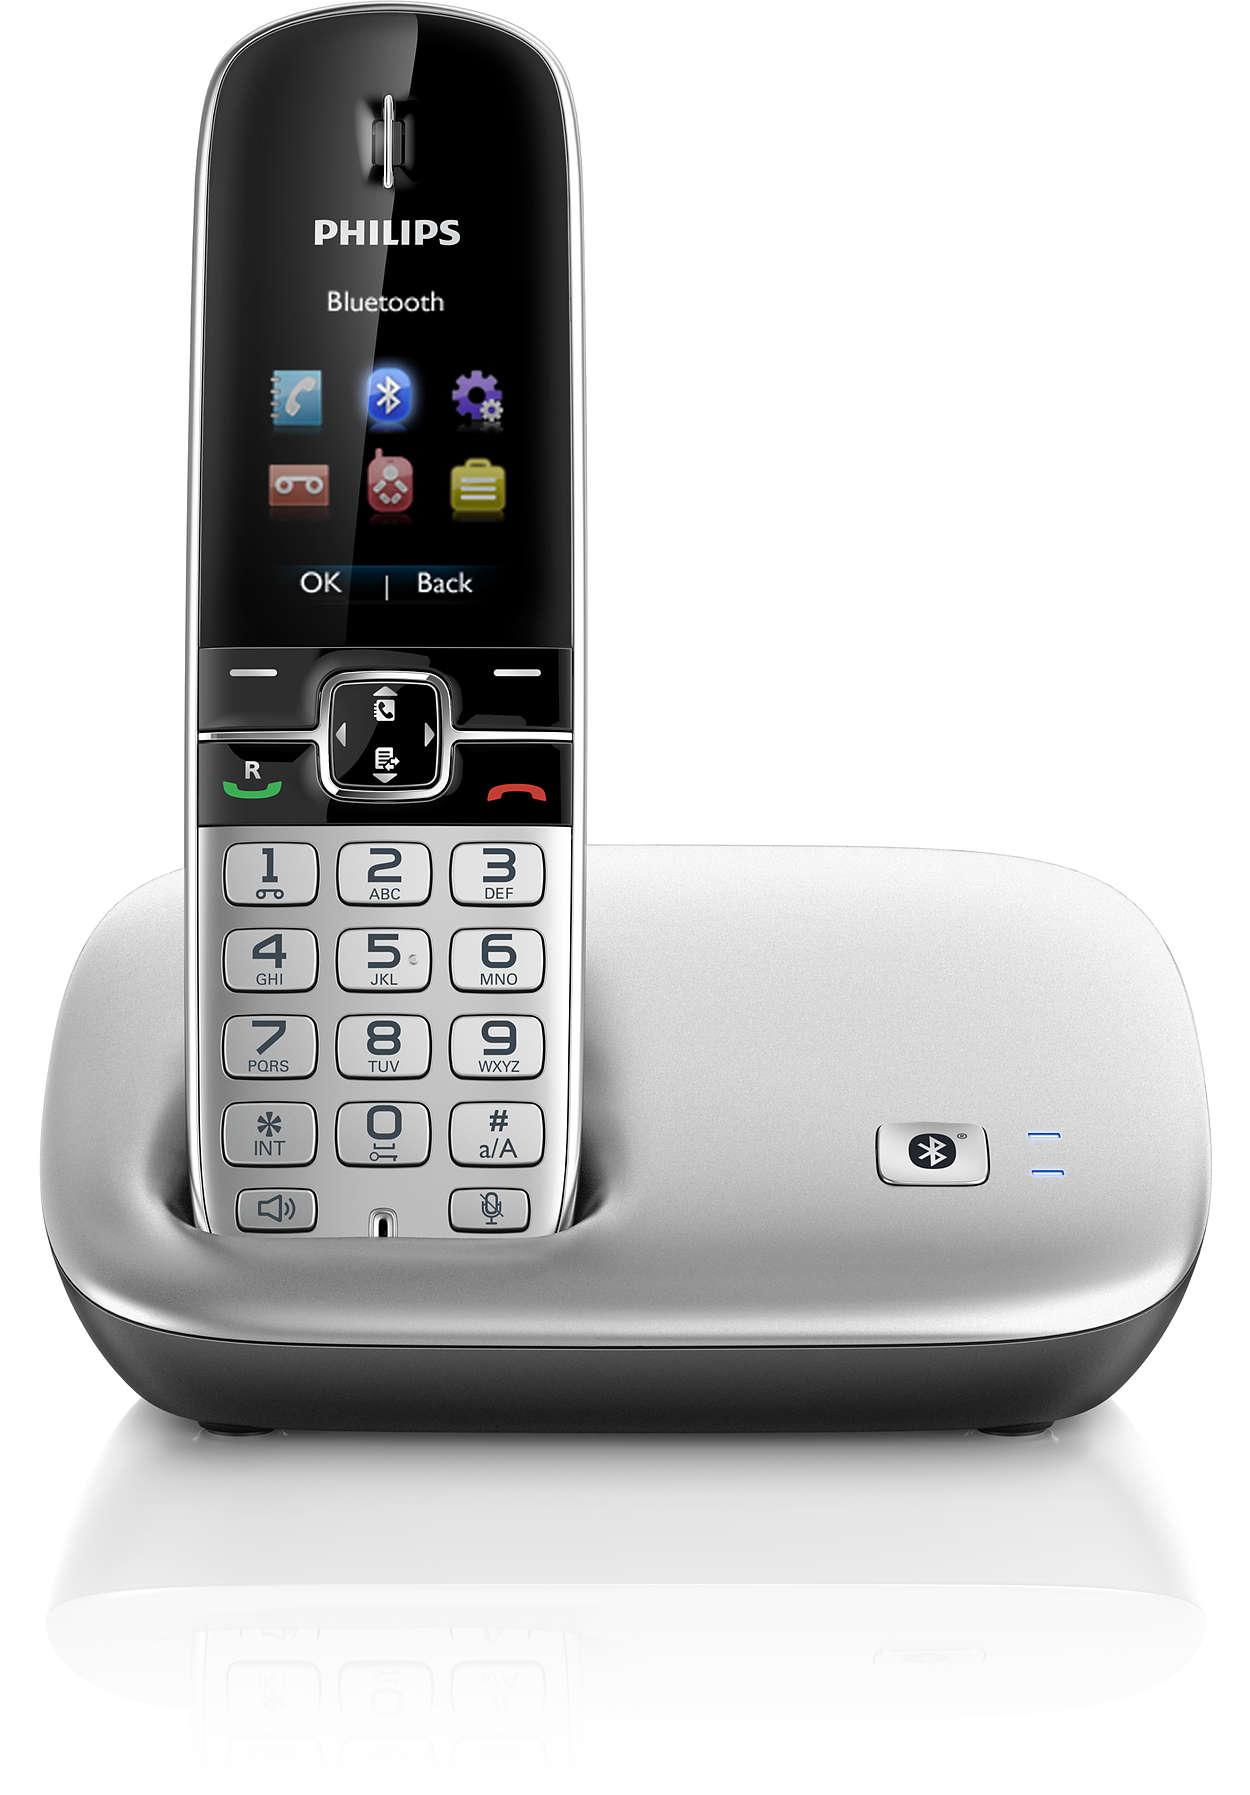 Semua panggilan, telepon rumah & ponsel, dalam satu telepon